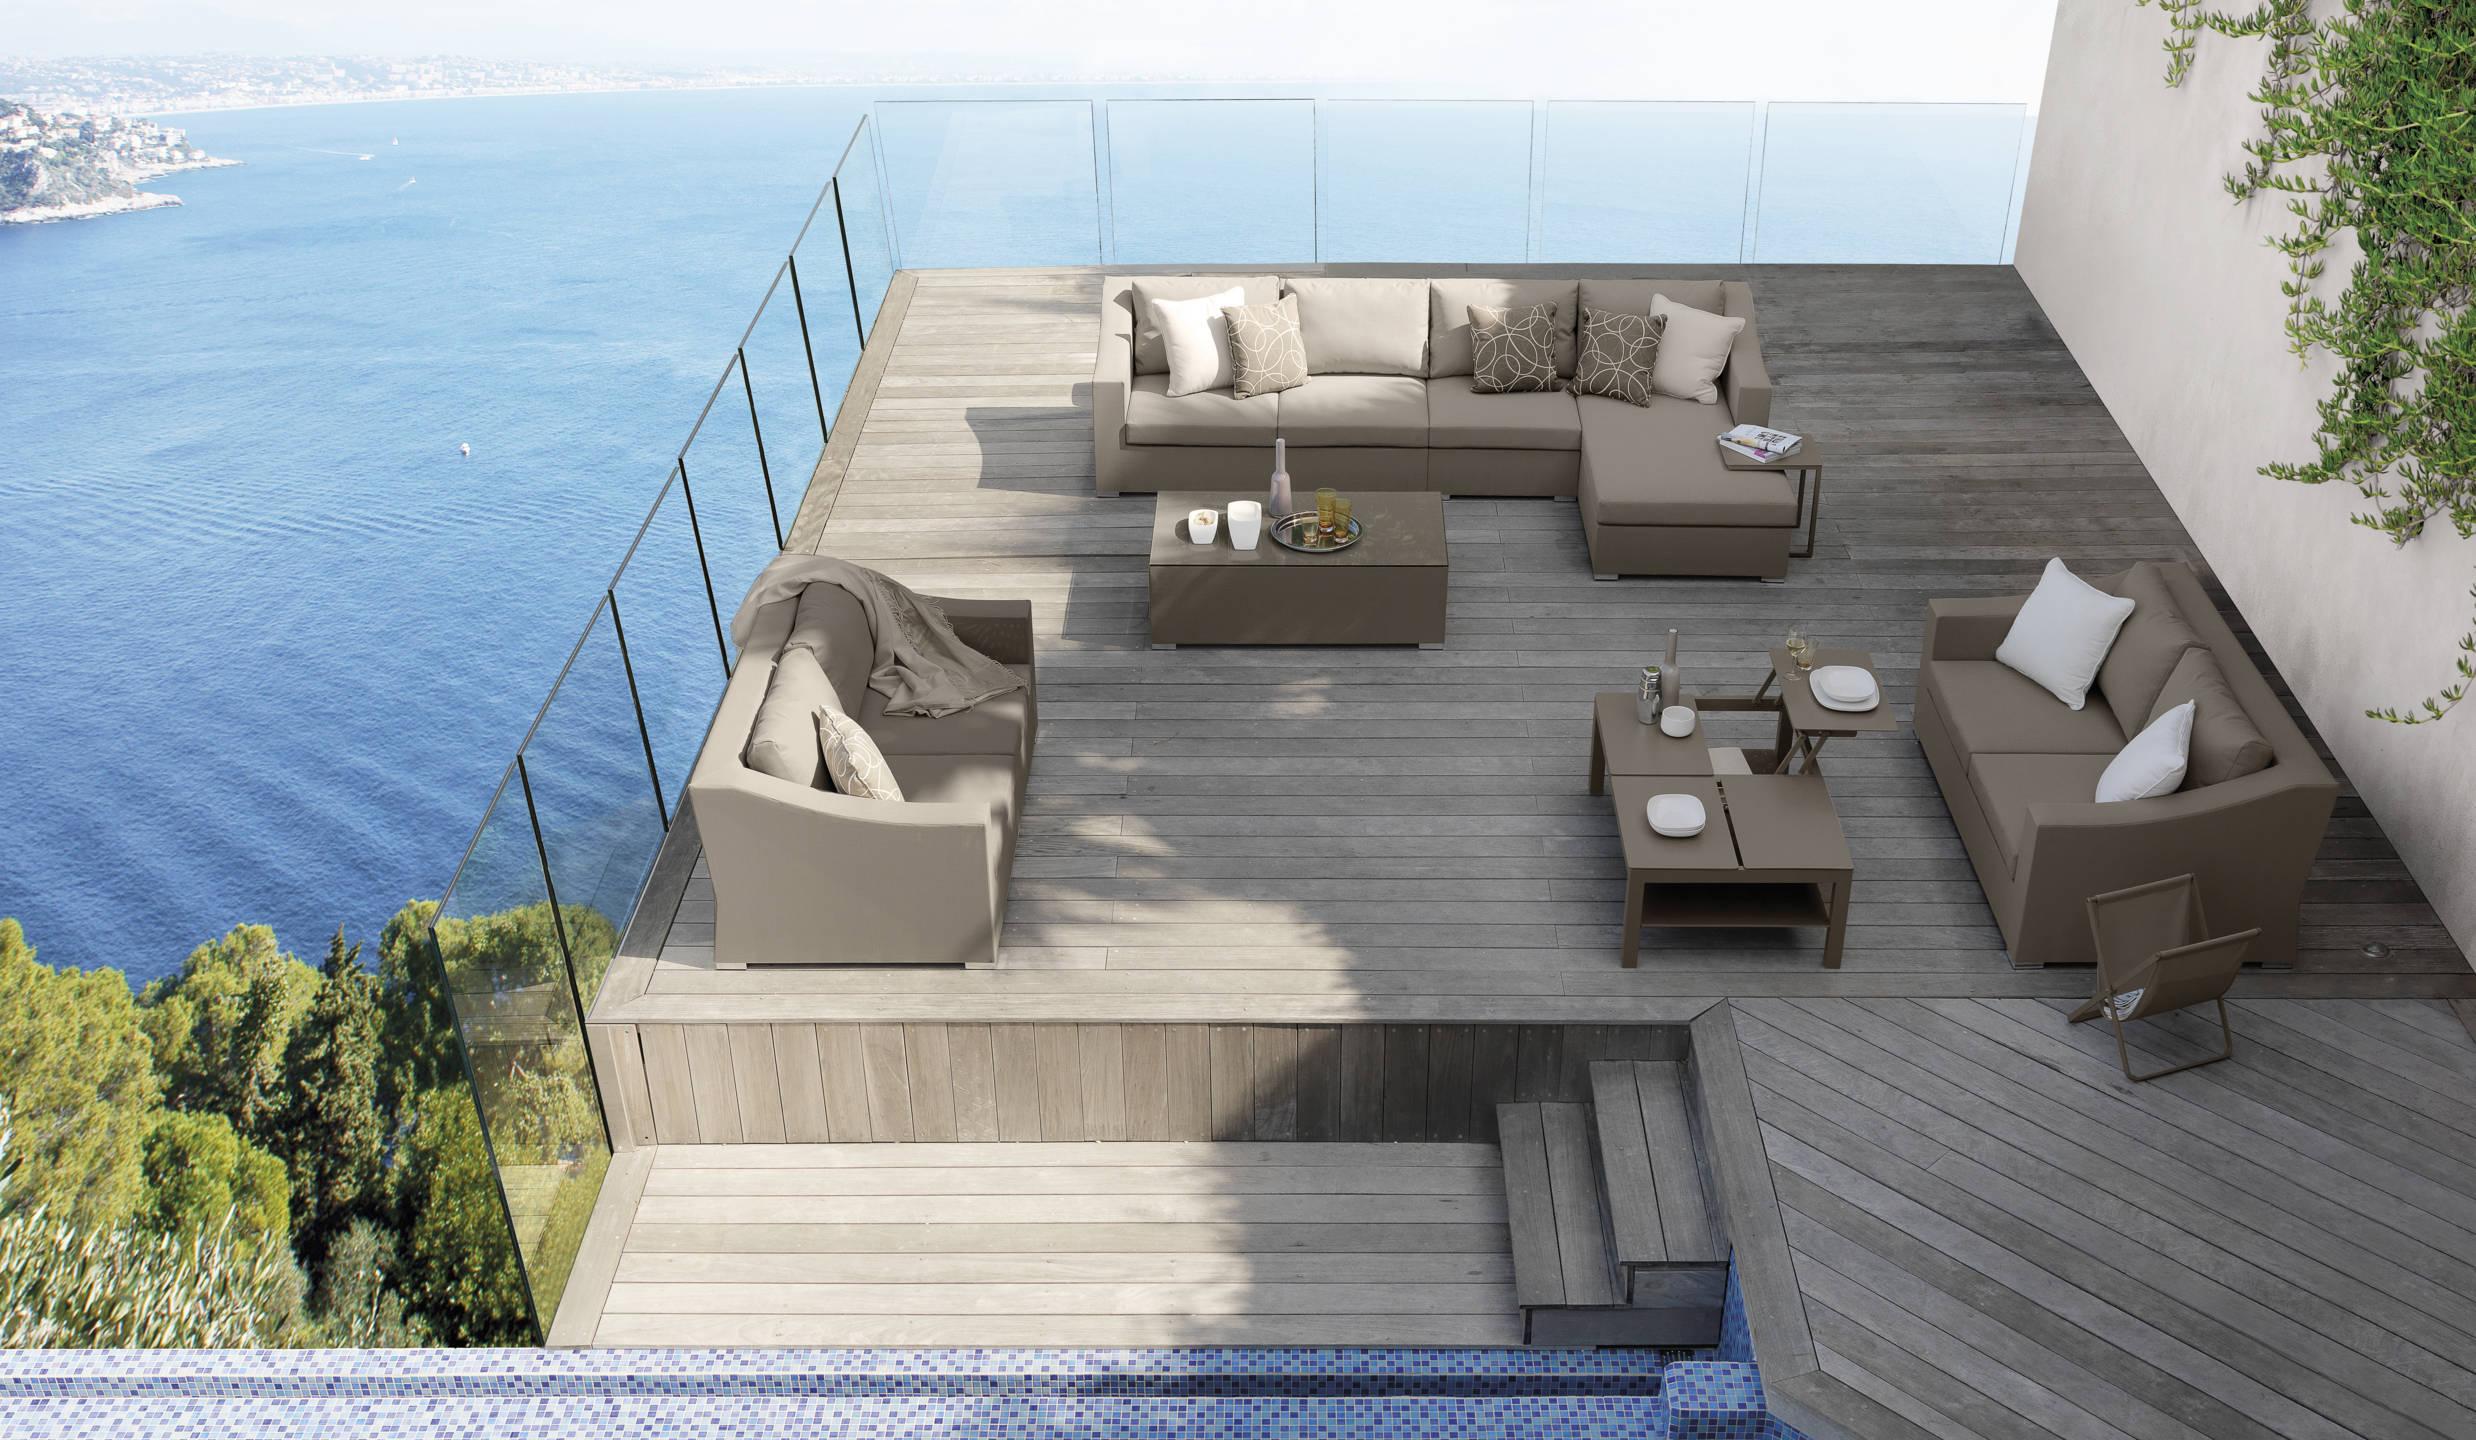 Divani Per Esterni In Plastica : Vivereverde angolo chiccollection divani per esterno in plastica